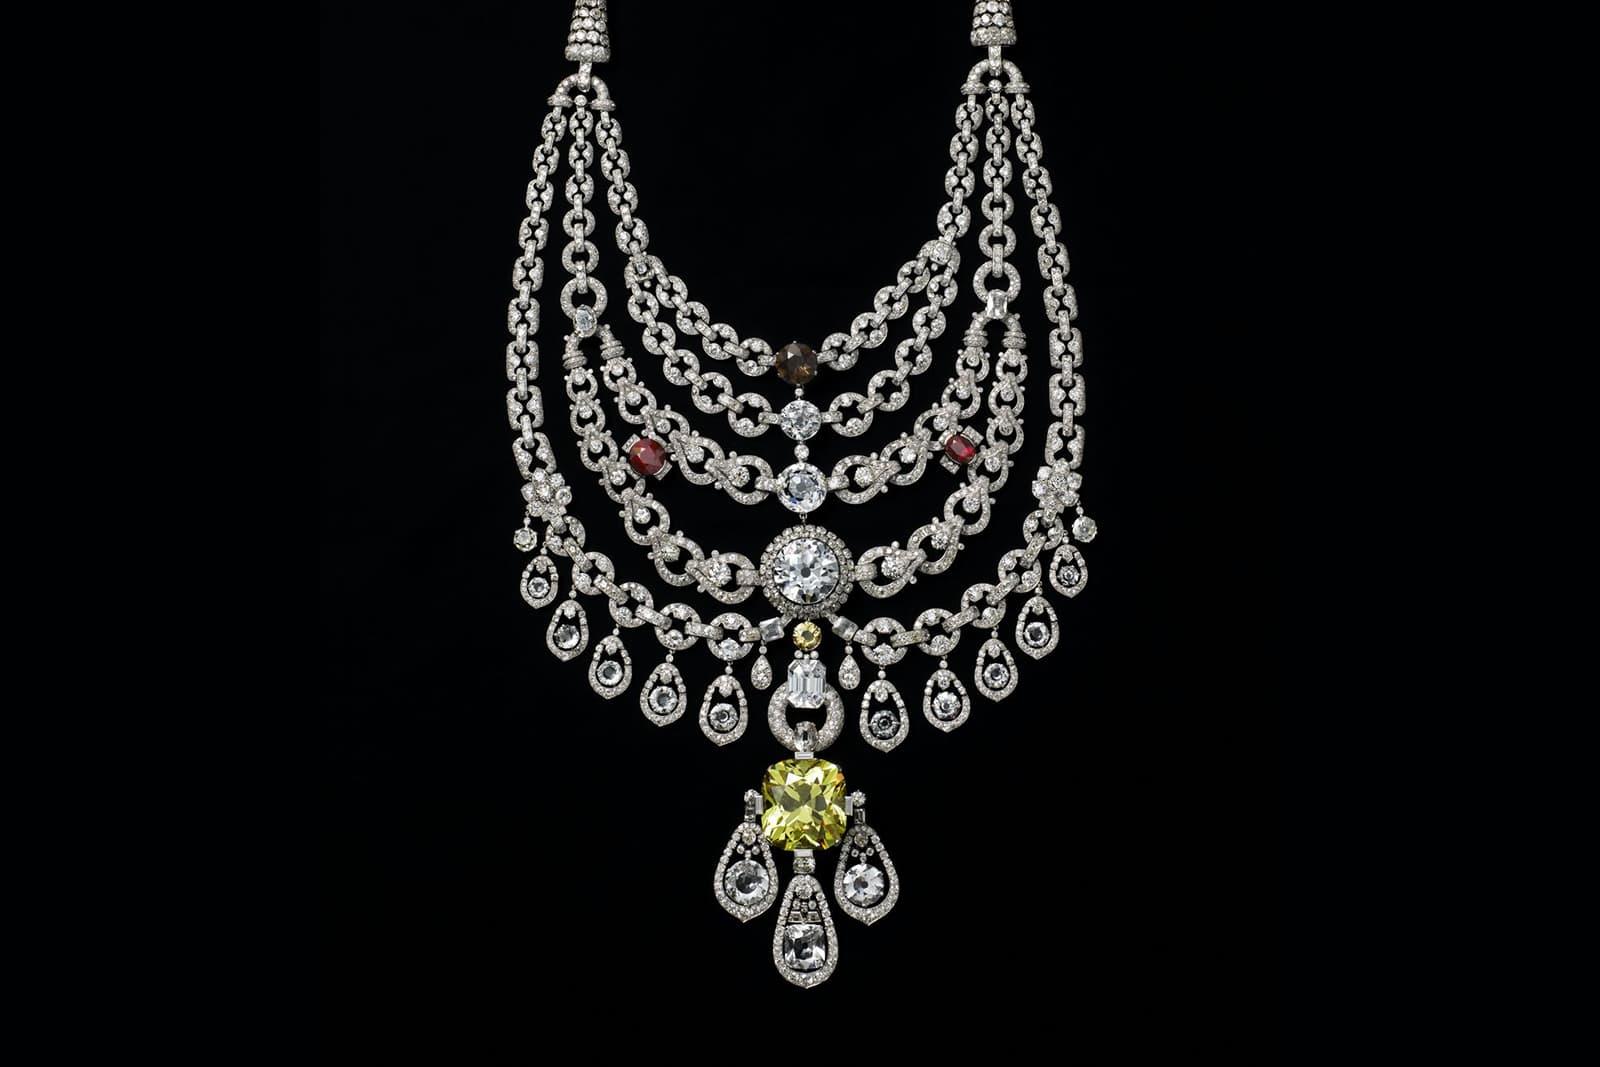 Колье Patiala от Cartier с желтым бриллиантом 234.65ct